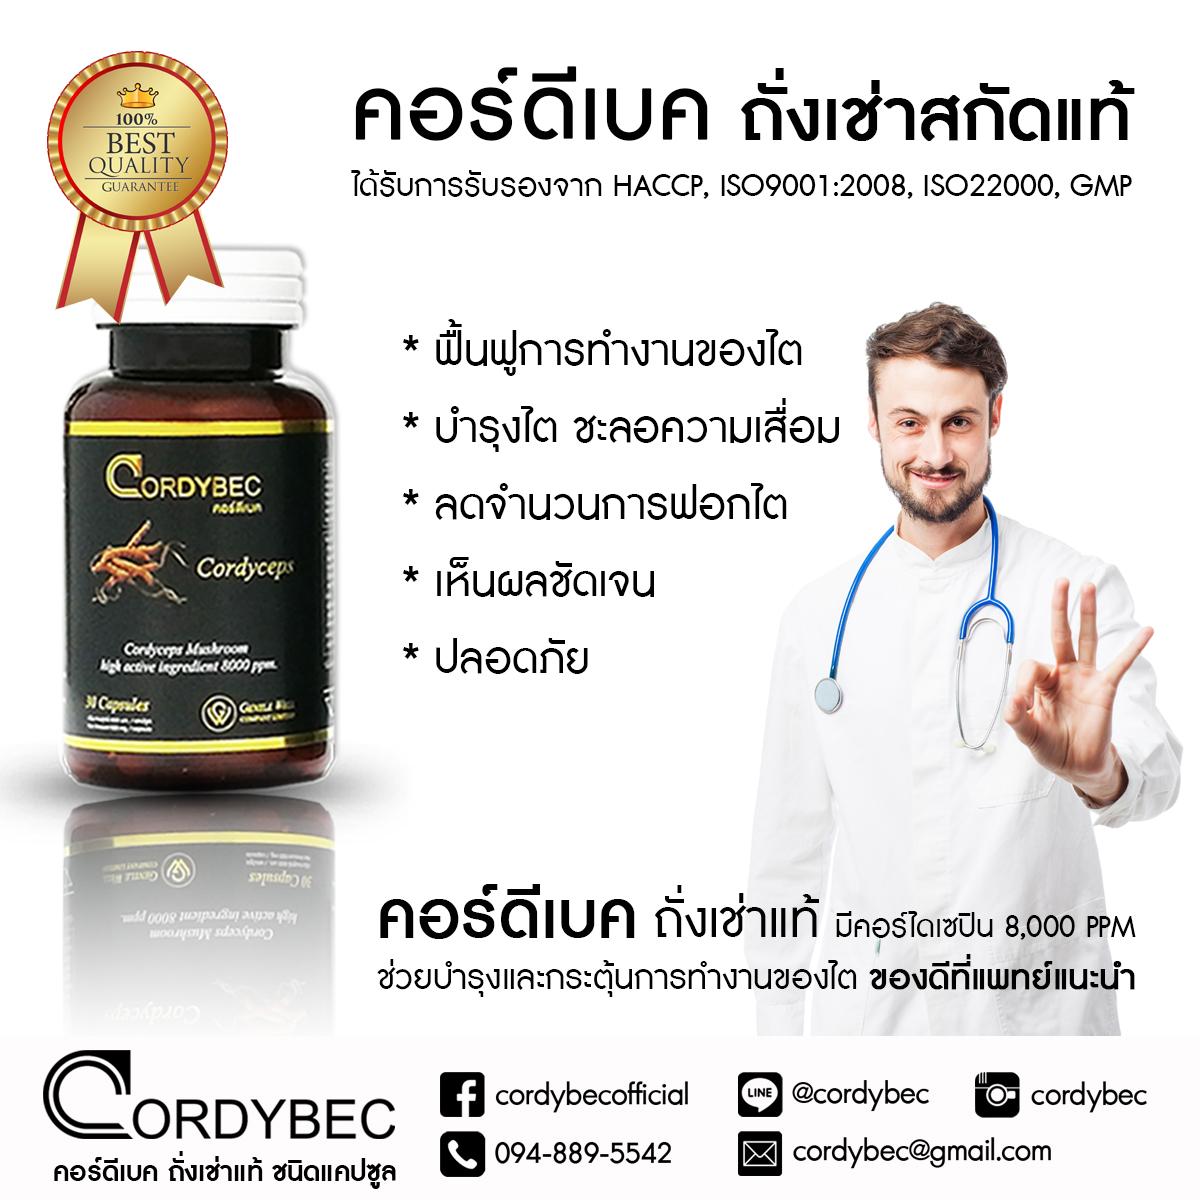 Cordybec kidney 021